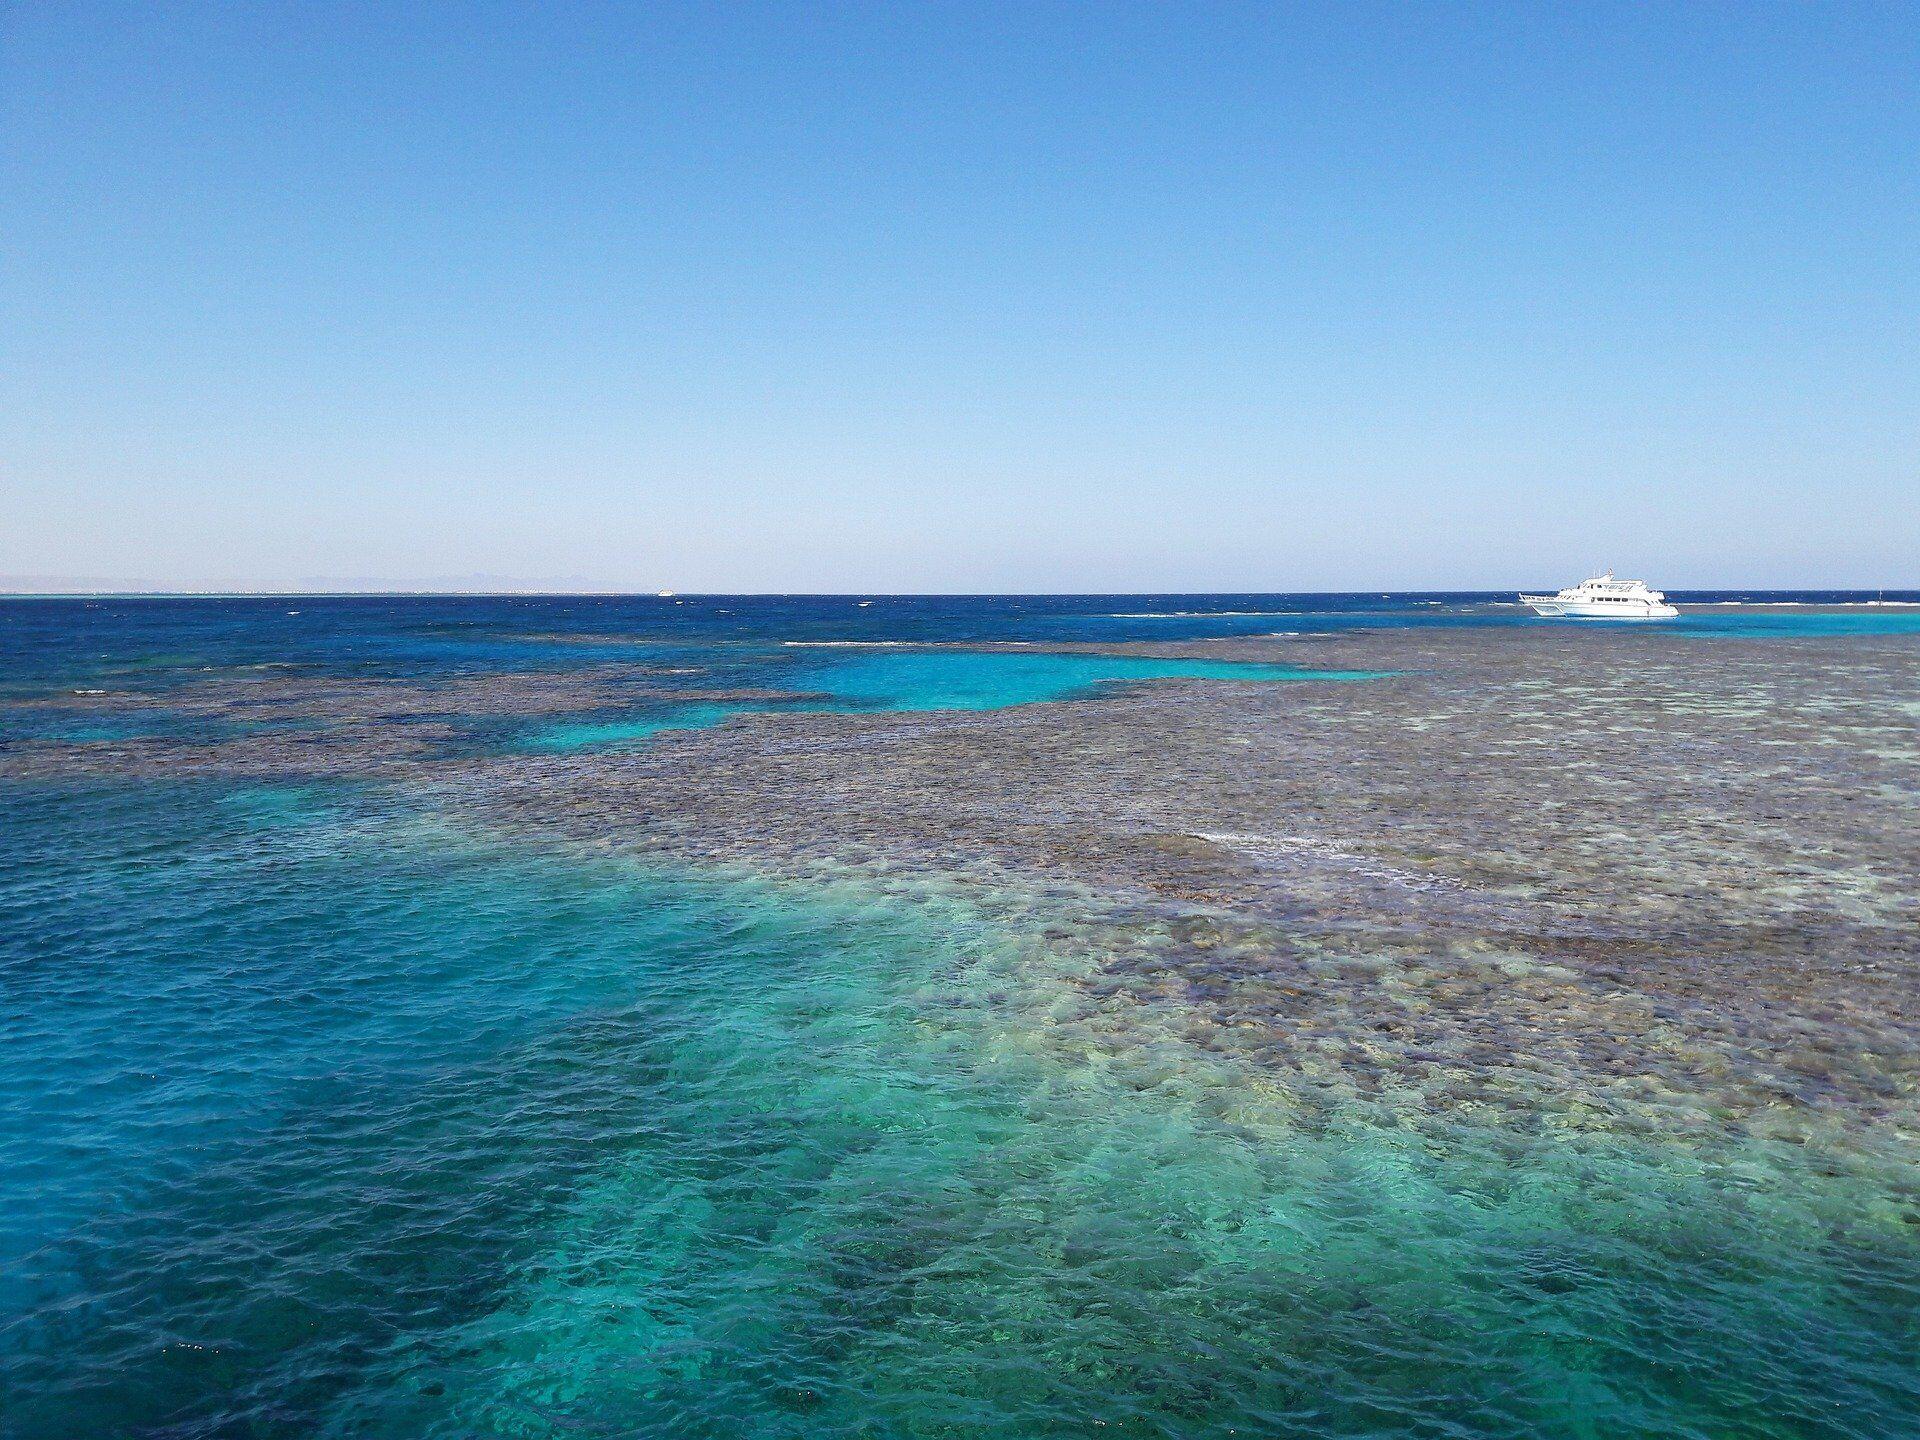 Побачити коралові рифи – це те, заради чого з'їжджаються до Червоного моря мільйони туристів